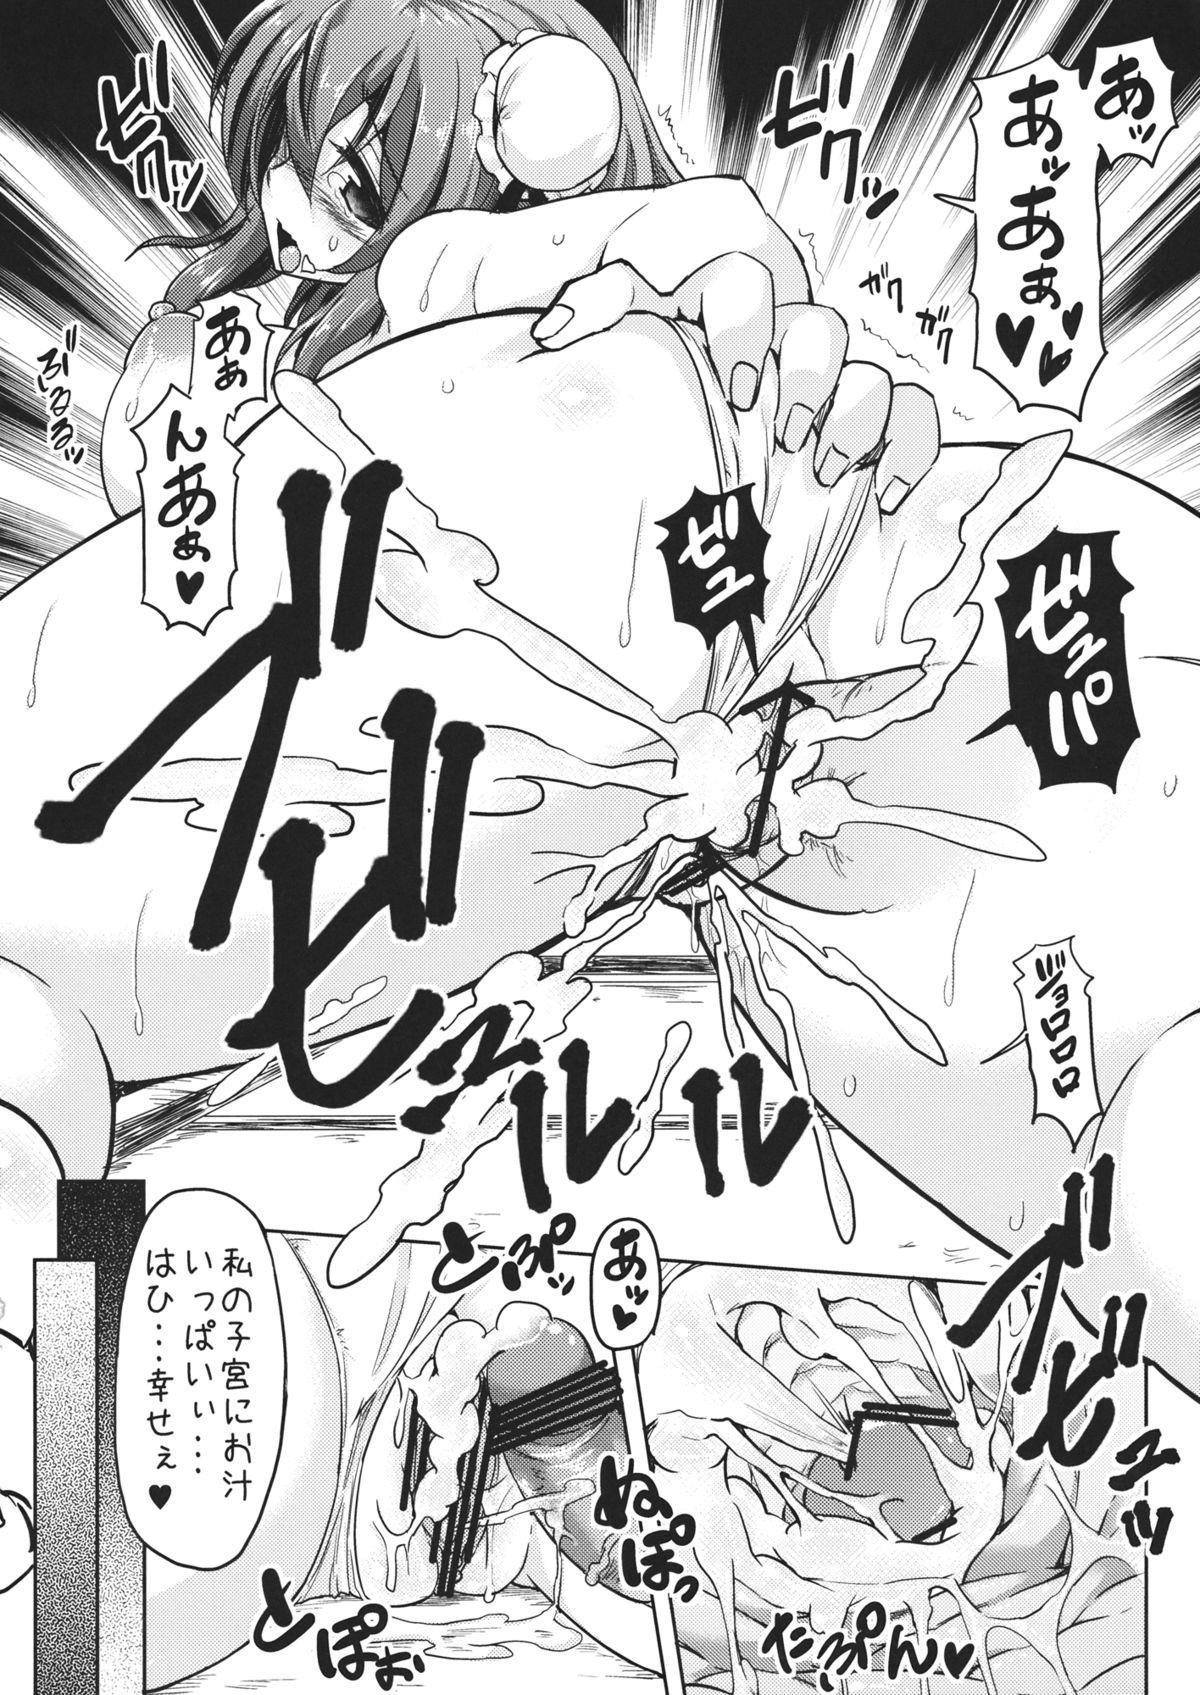 Kasen-chan no Omorashi vol.1 14